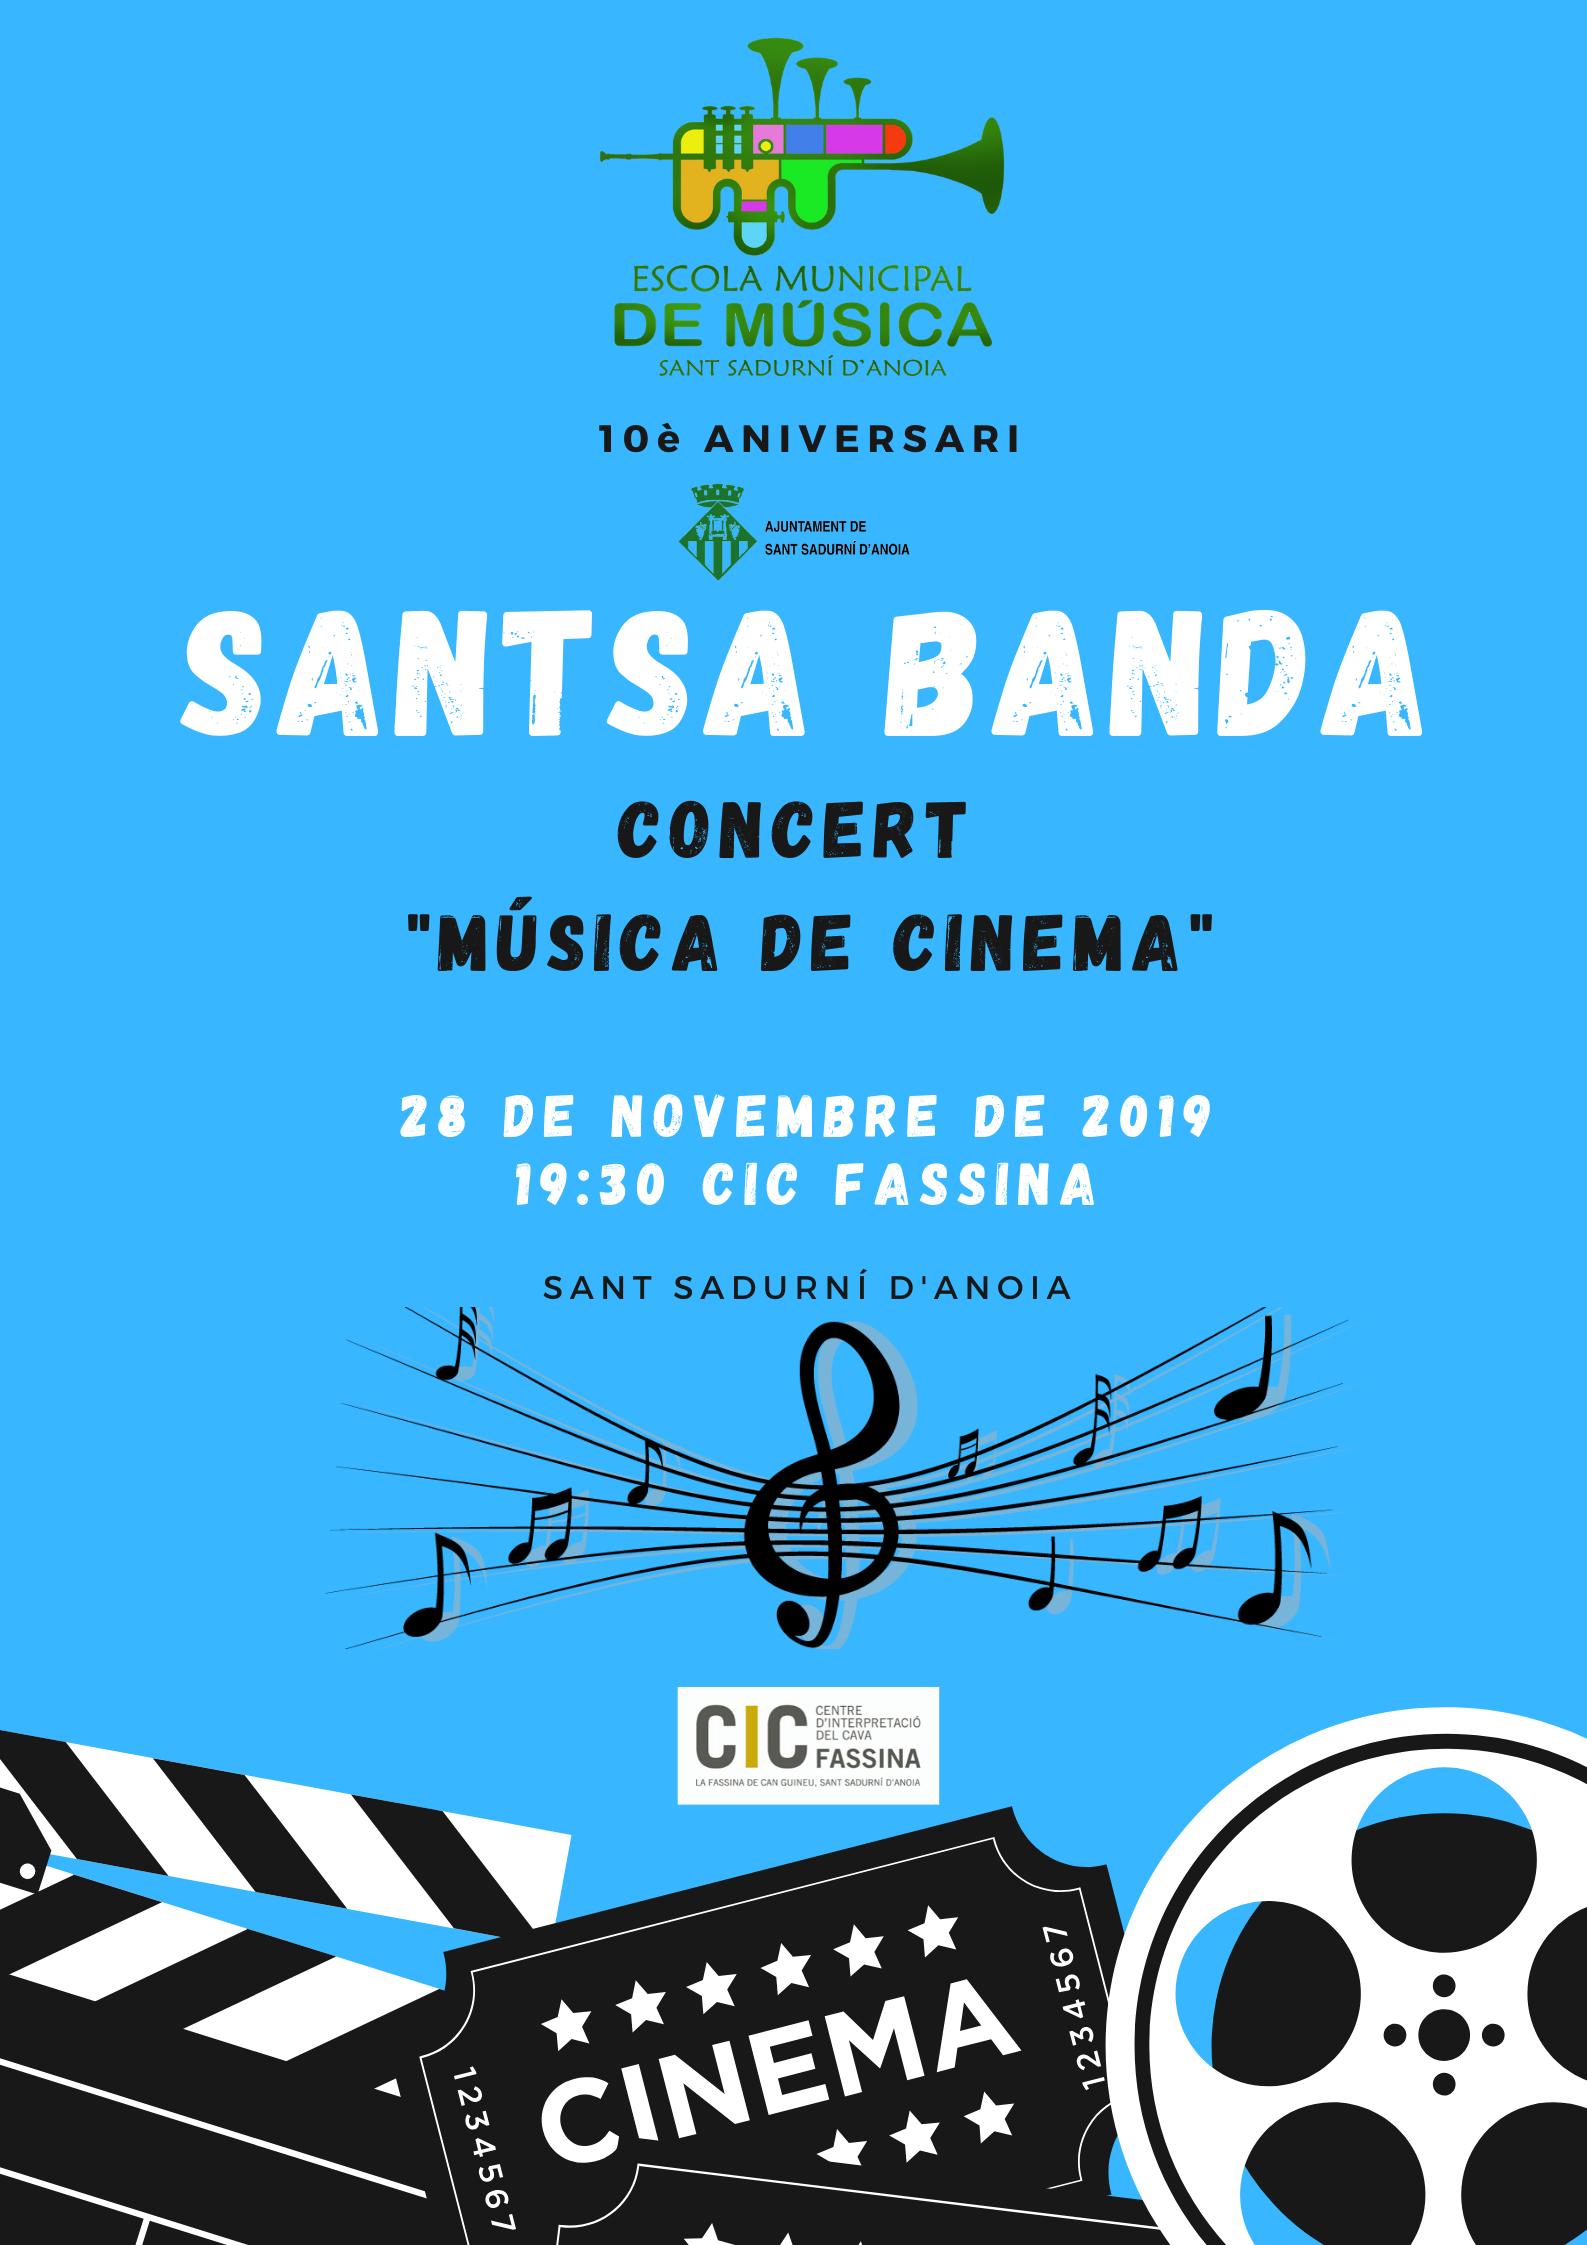 Concert SantSa Banda